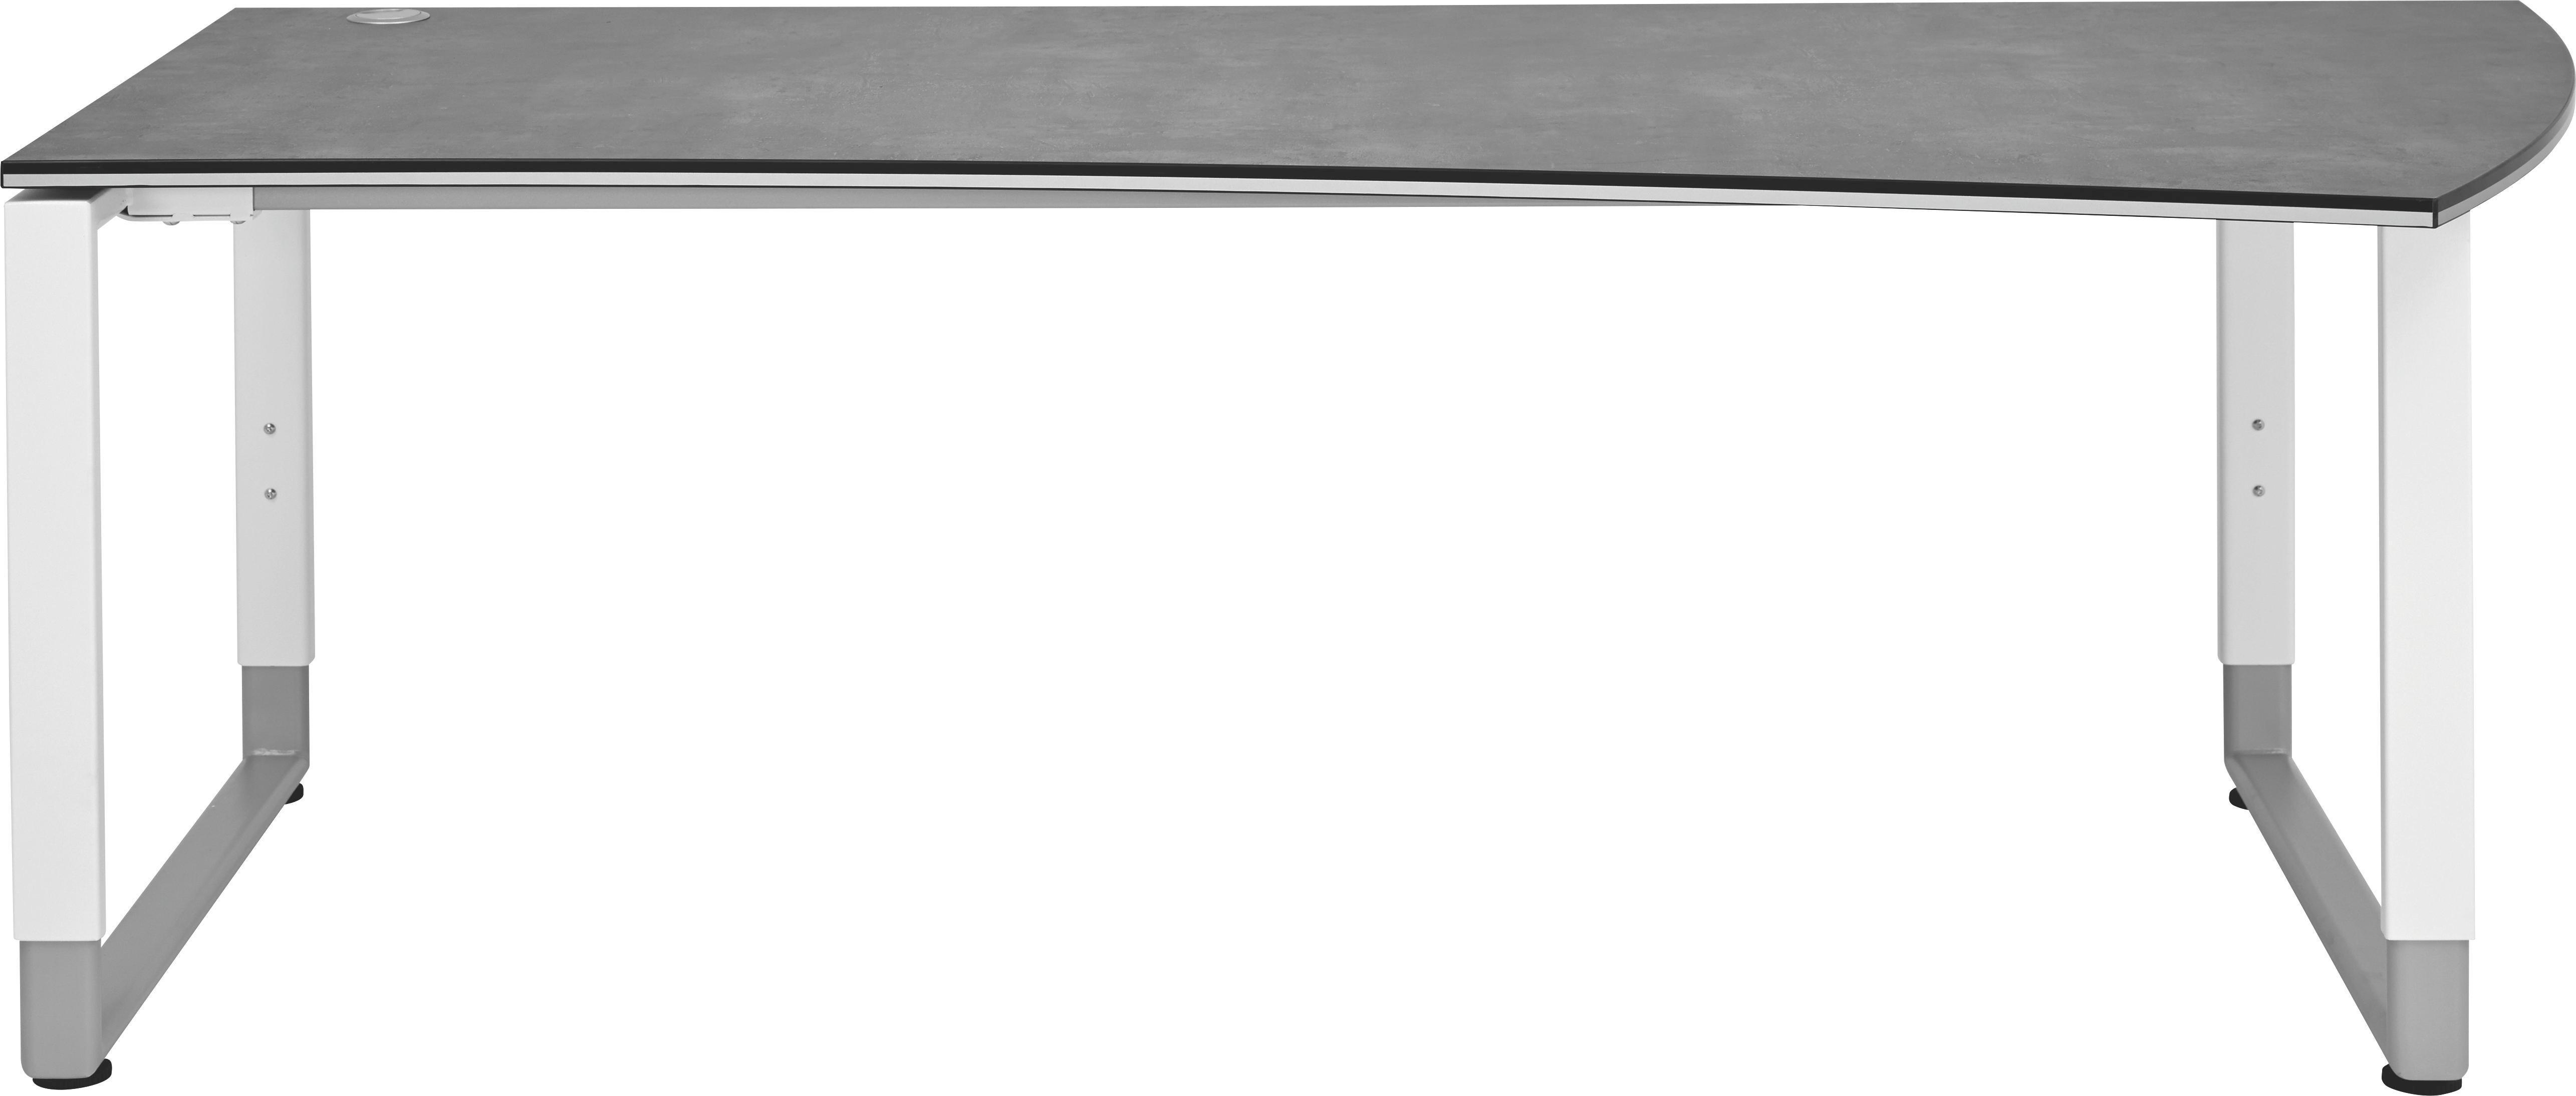 SCHREIBTISCH Grau, Weiß - Weiß/Grau, Basics, Metall (200/68-82/80/100cm) - MODERANO